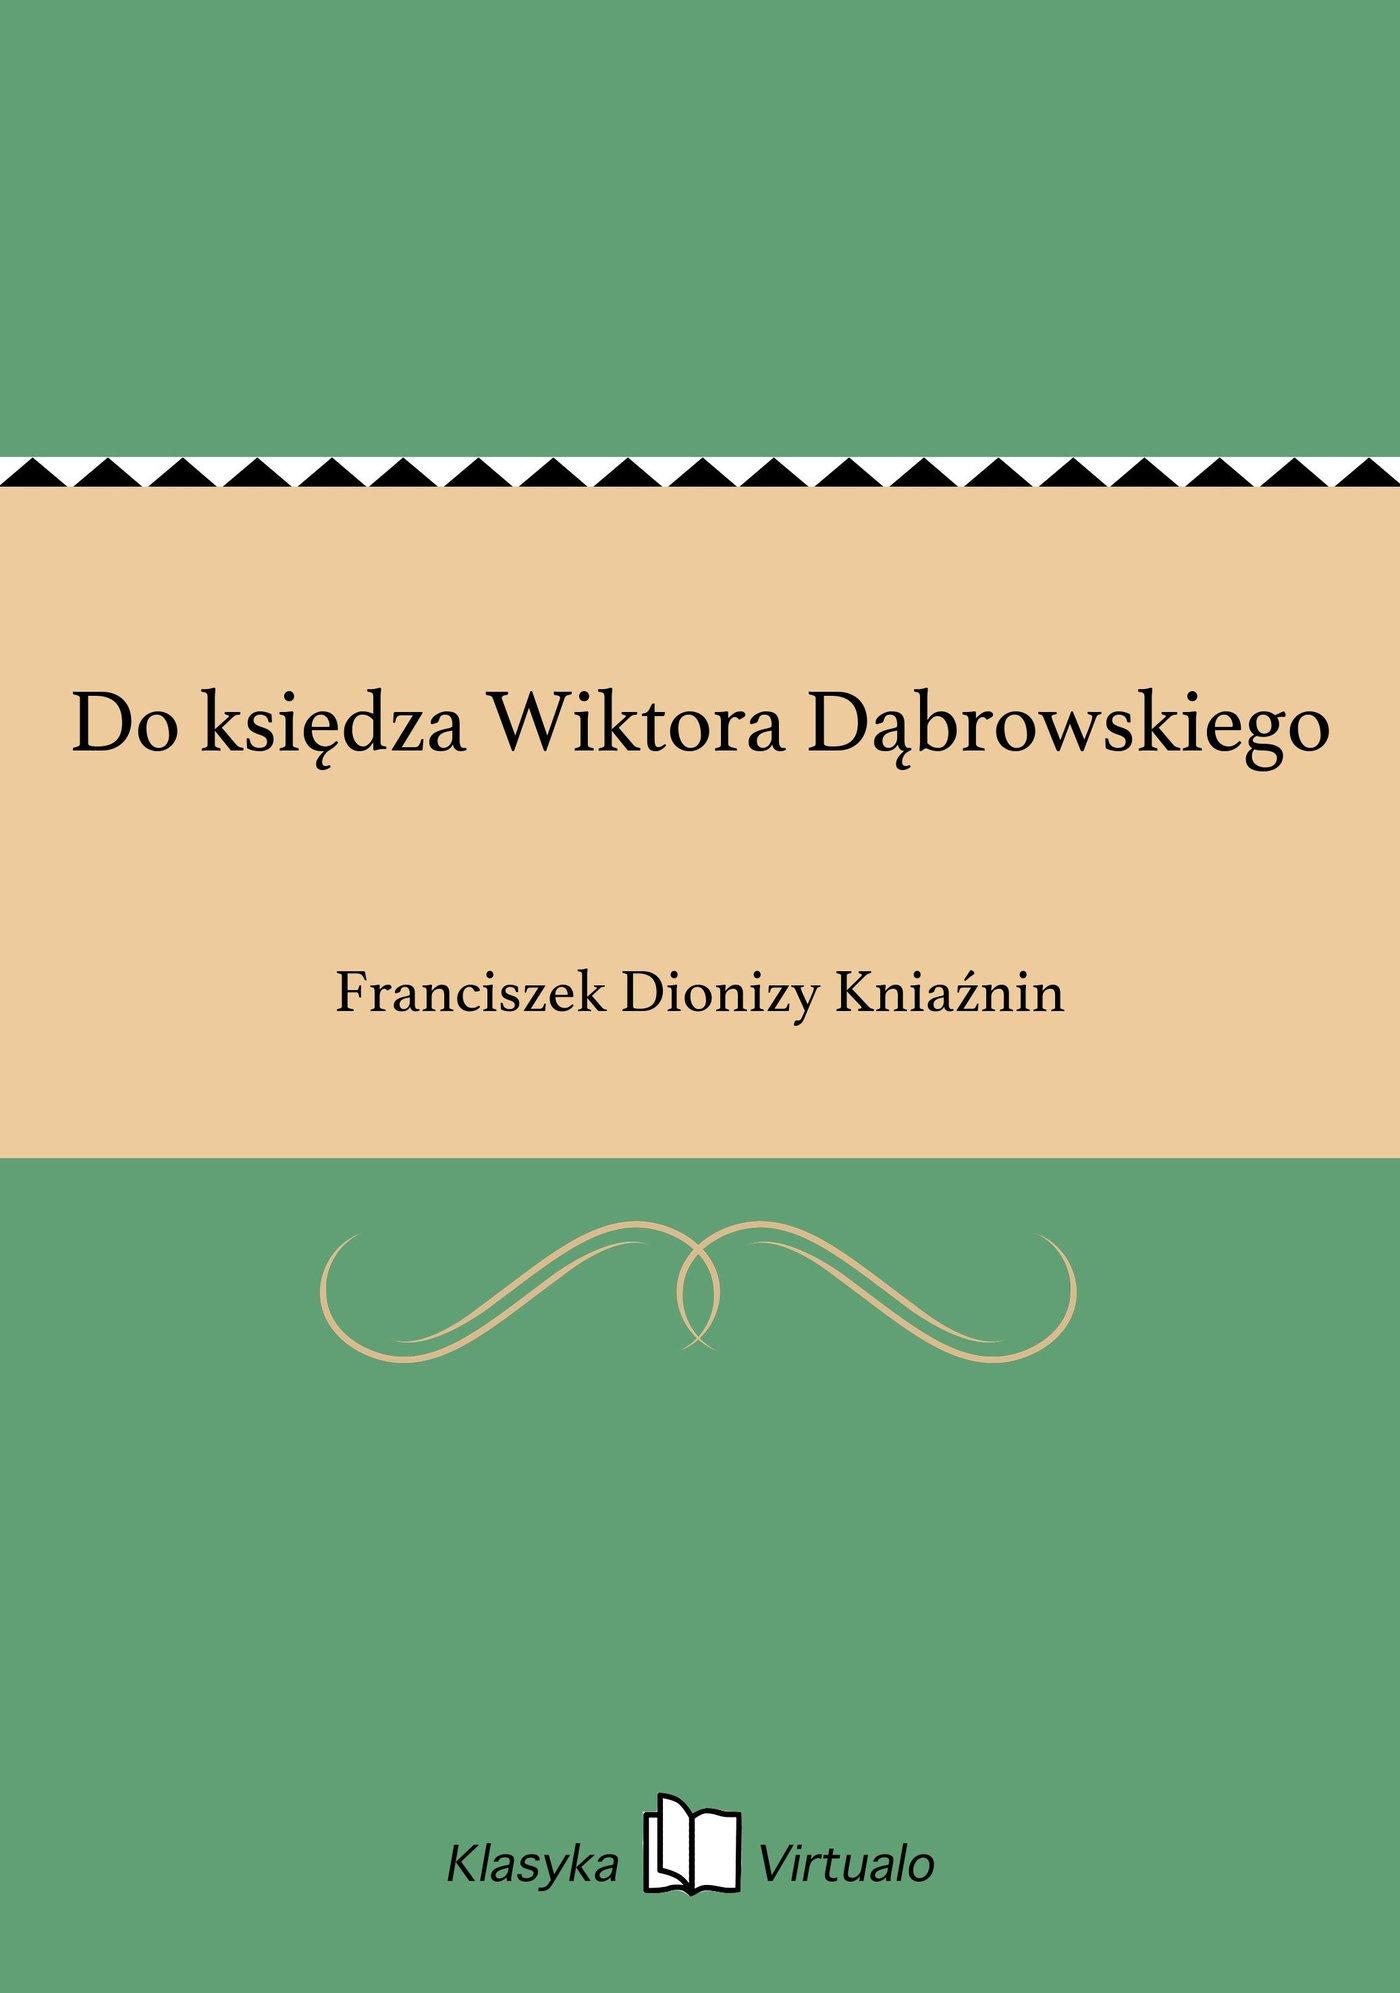 Do księdza Wiktora Dąbrowskiego - Ebook (Książka EPUB) do pobrania w formacie EPUB